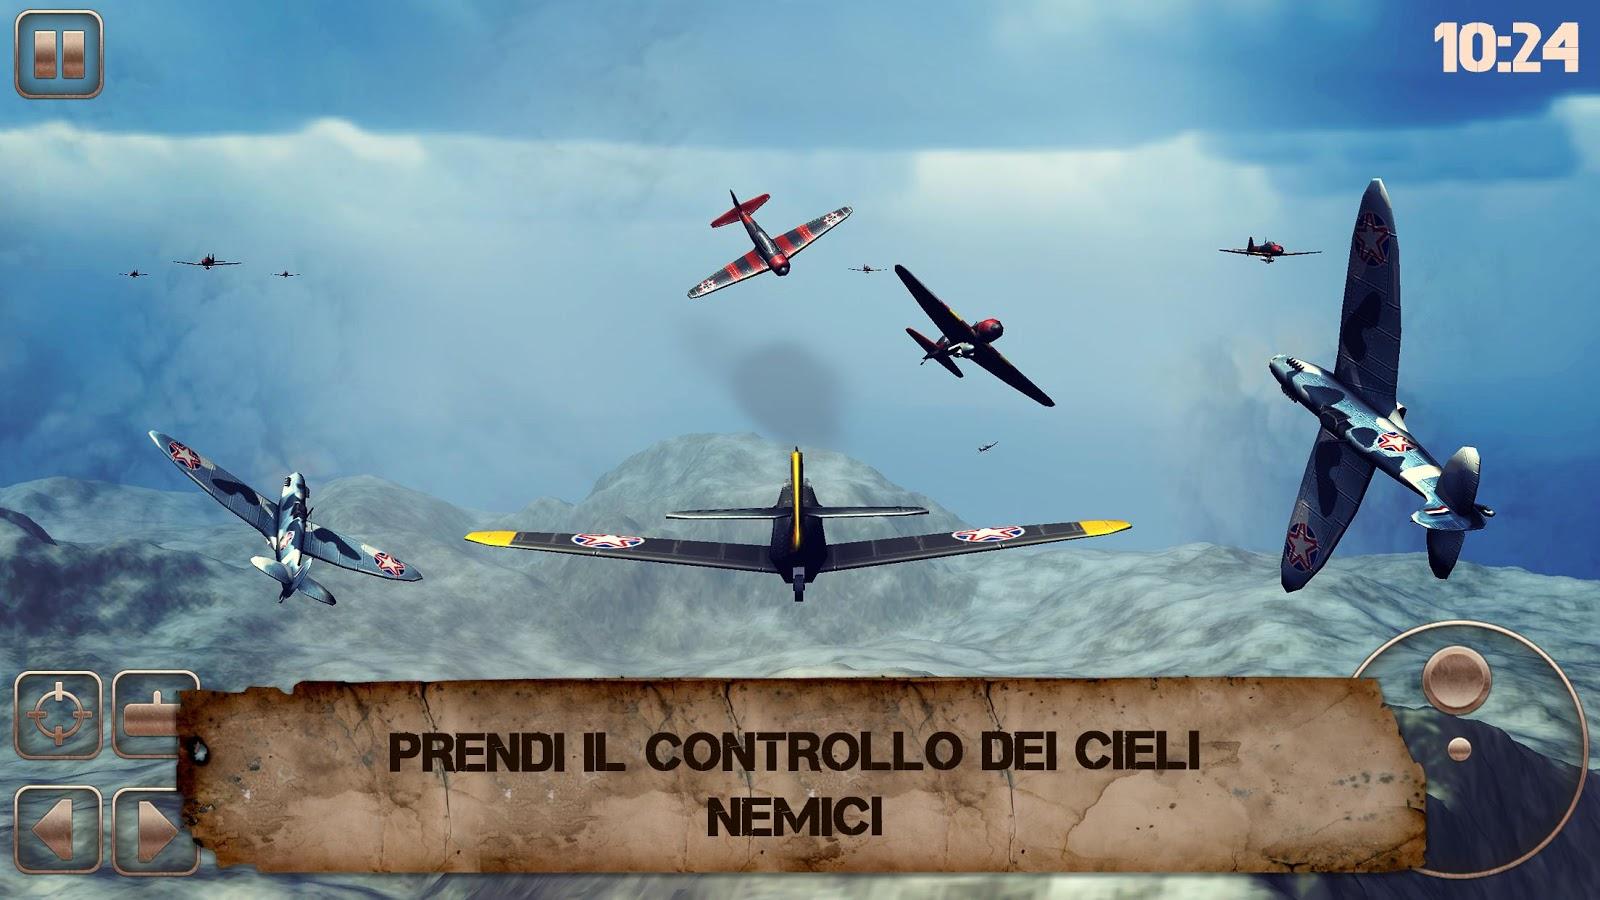 Aereo Da Combattimento Usa : Aerei della guerra mondiale gioco combattimento app